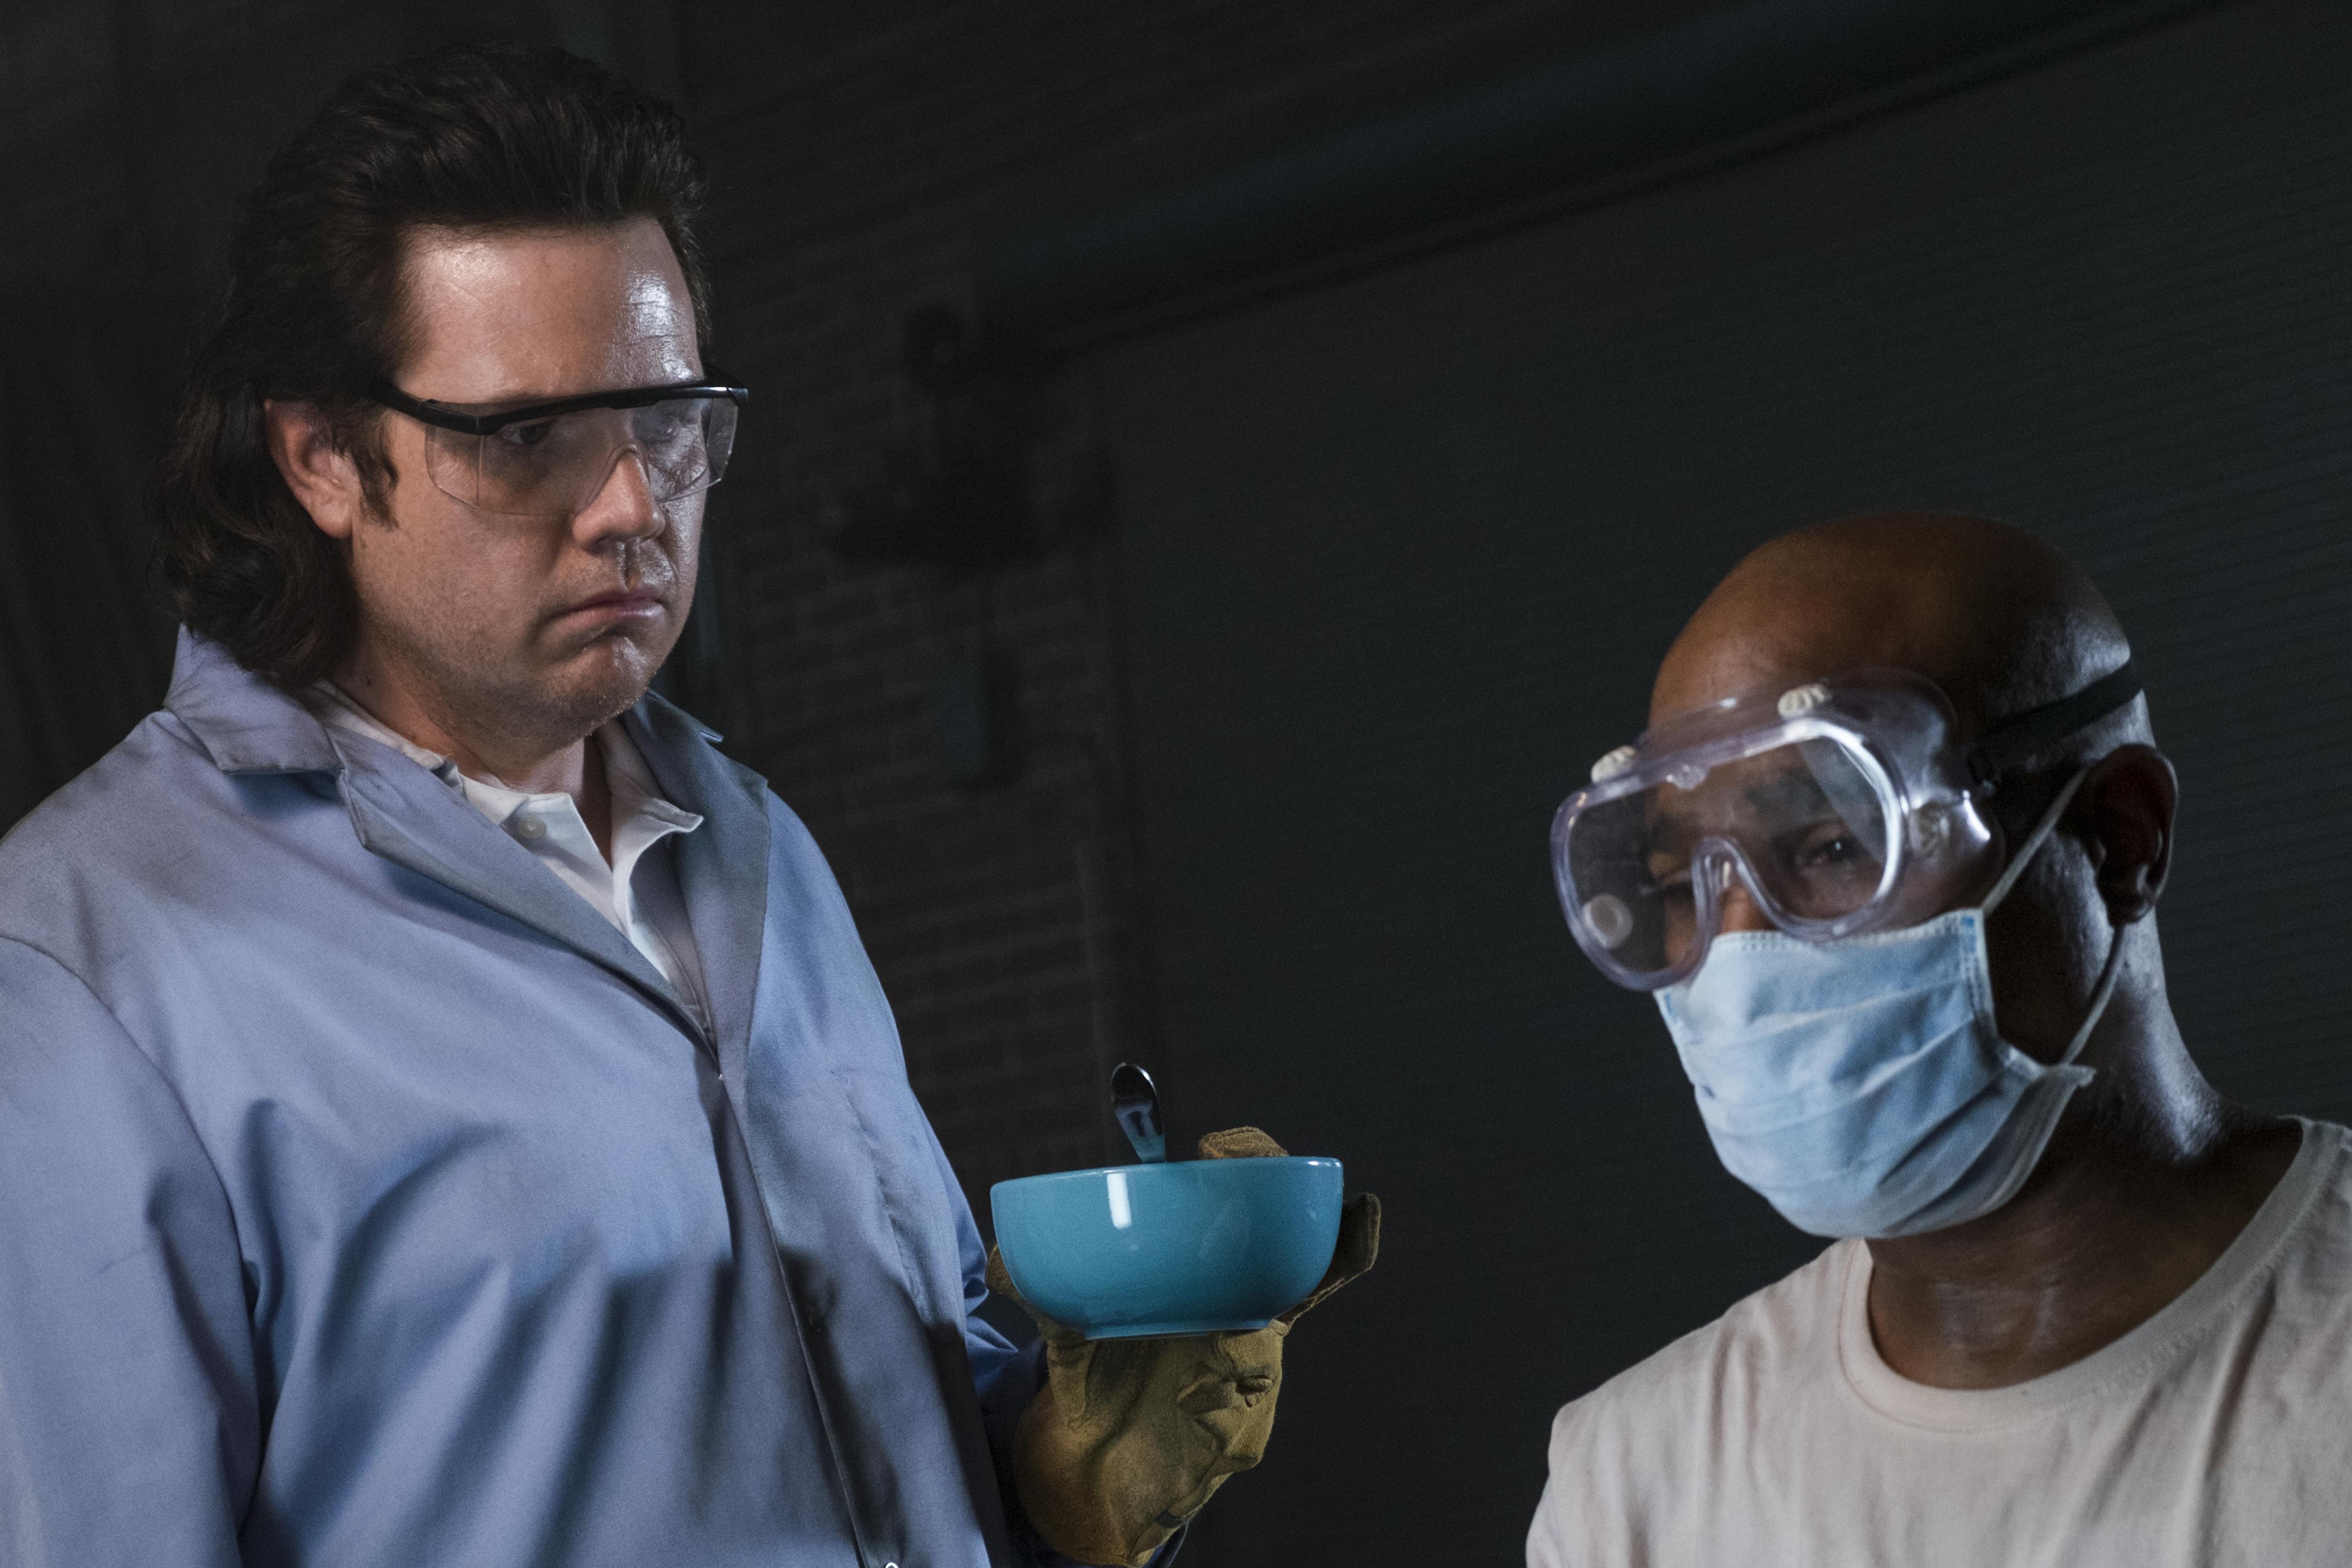 'The Walking Dead' Showrunner Scott Gimple on His Final Episode